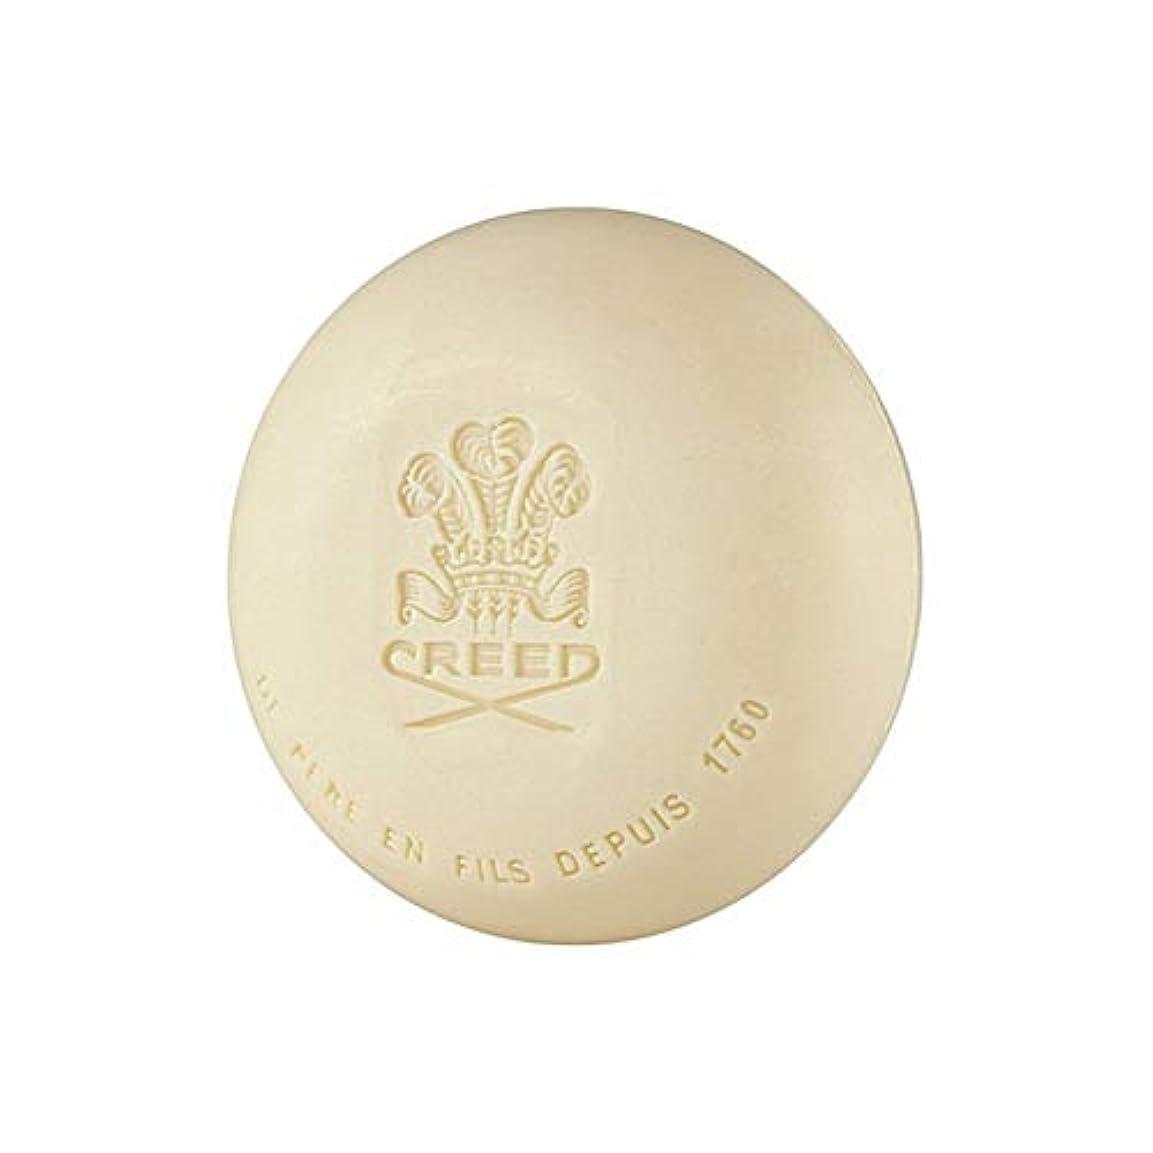 呼吸する遺体安置所くつろぎ[Creed ] 信条元サンタル石鹸150グラム - Creed Original Santal Soap 150G [並行輸入品]